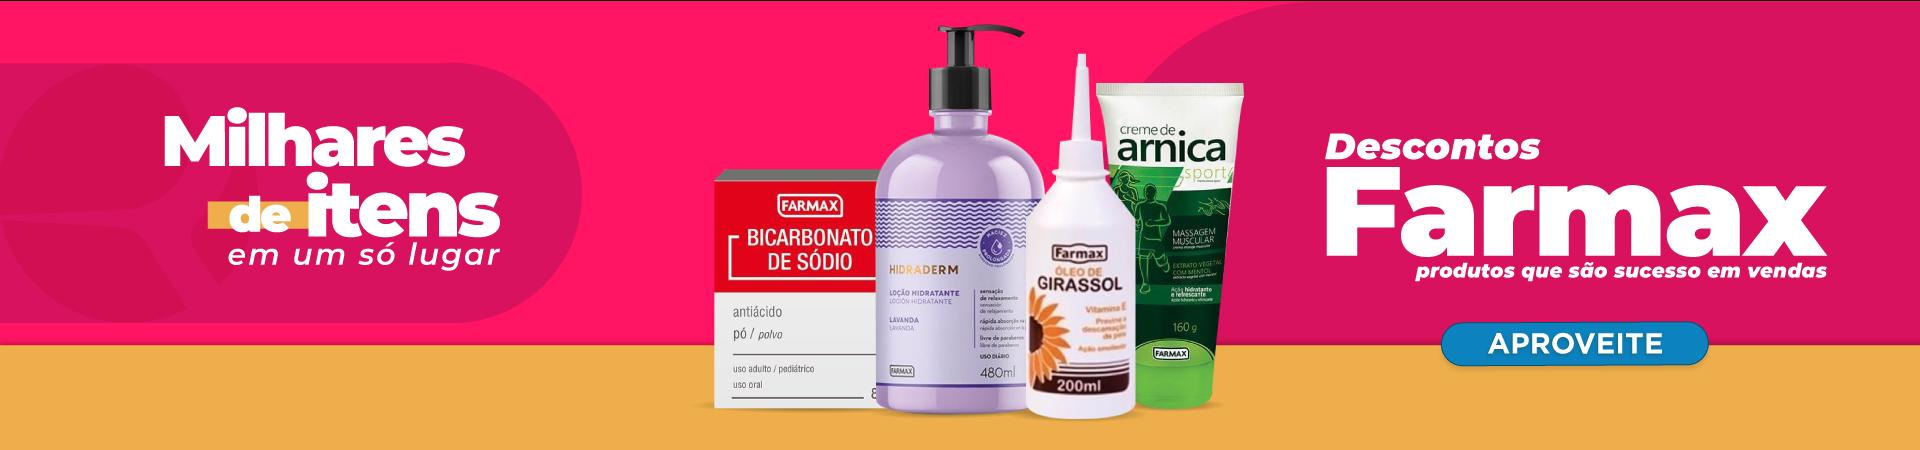 Farmax Divulgação - 25.07 a 31.07